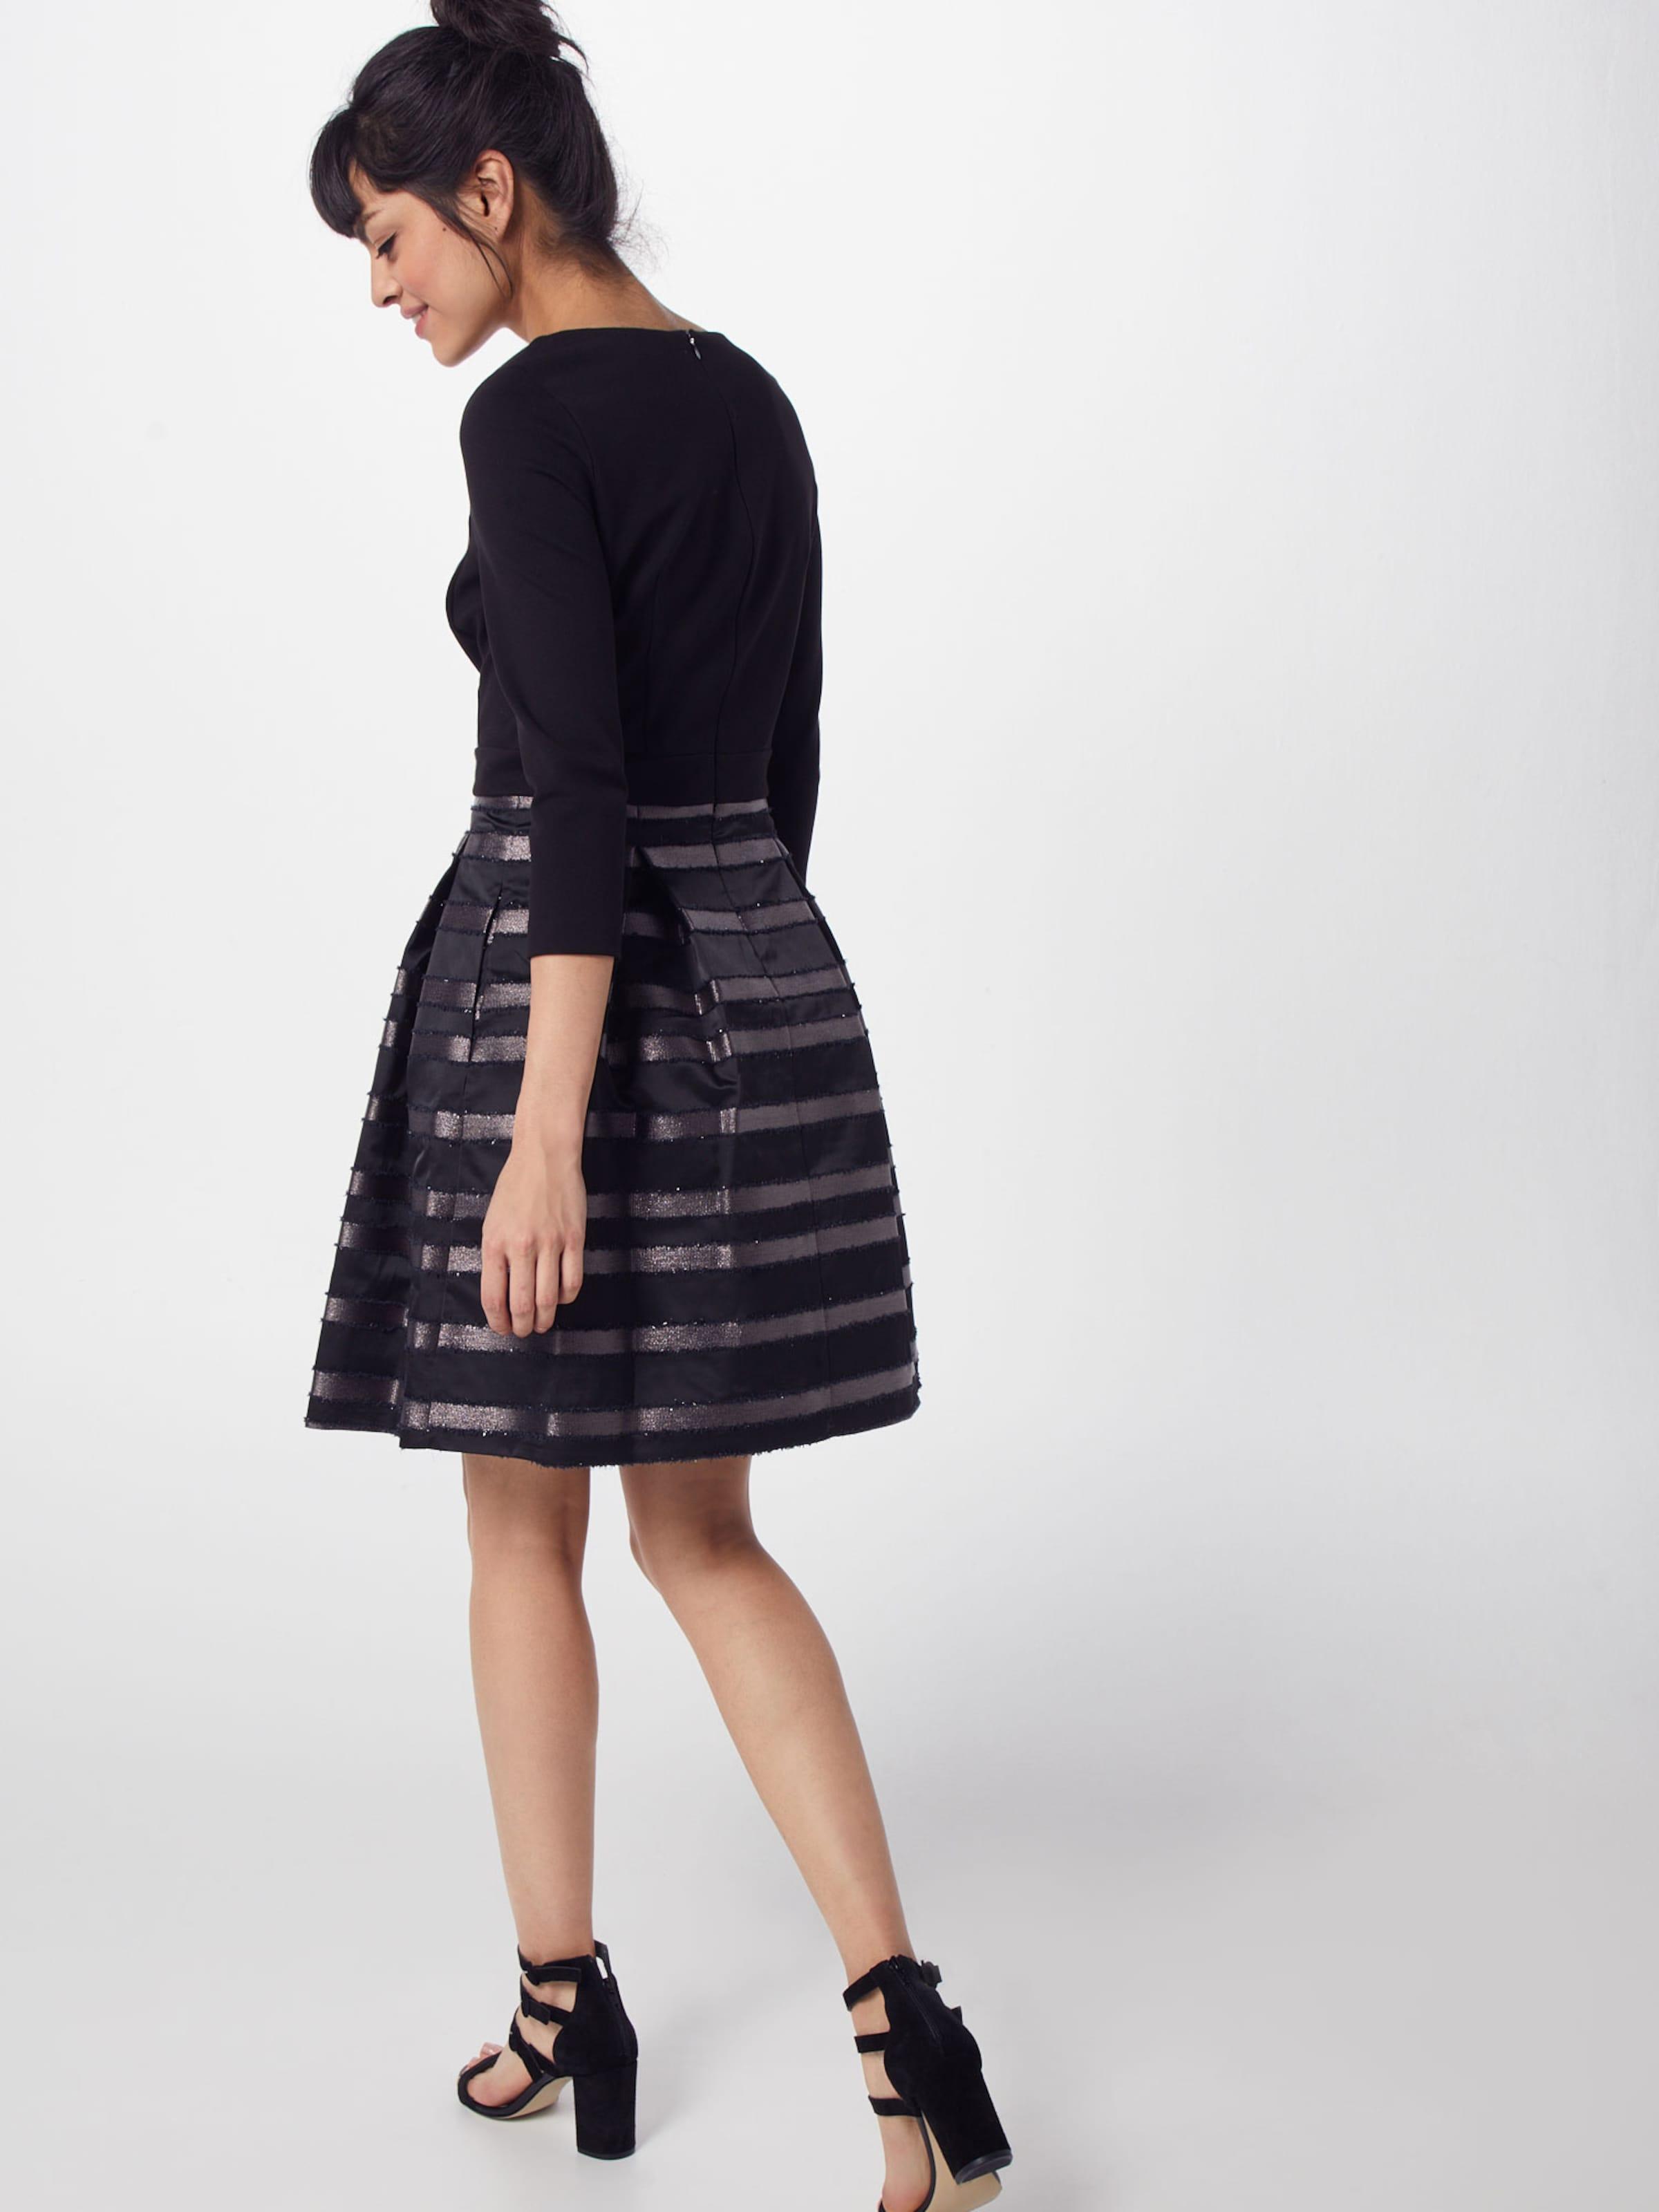 Collection En 'dress Noir De Esprit Midi' Cocktail Woven Dresses Robe dxWeCorB